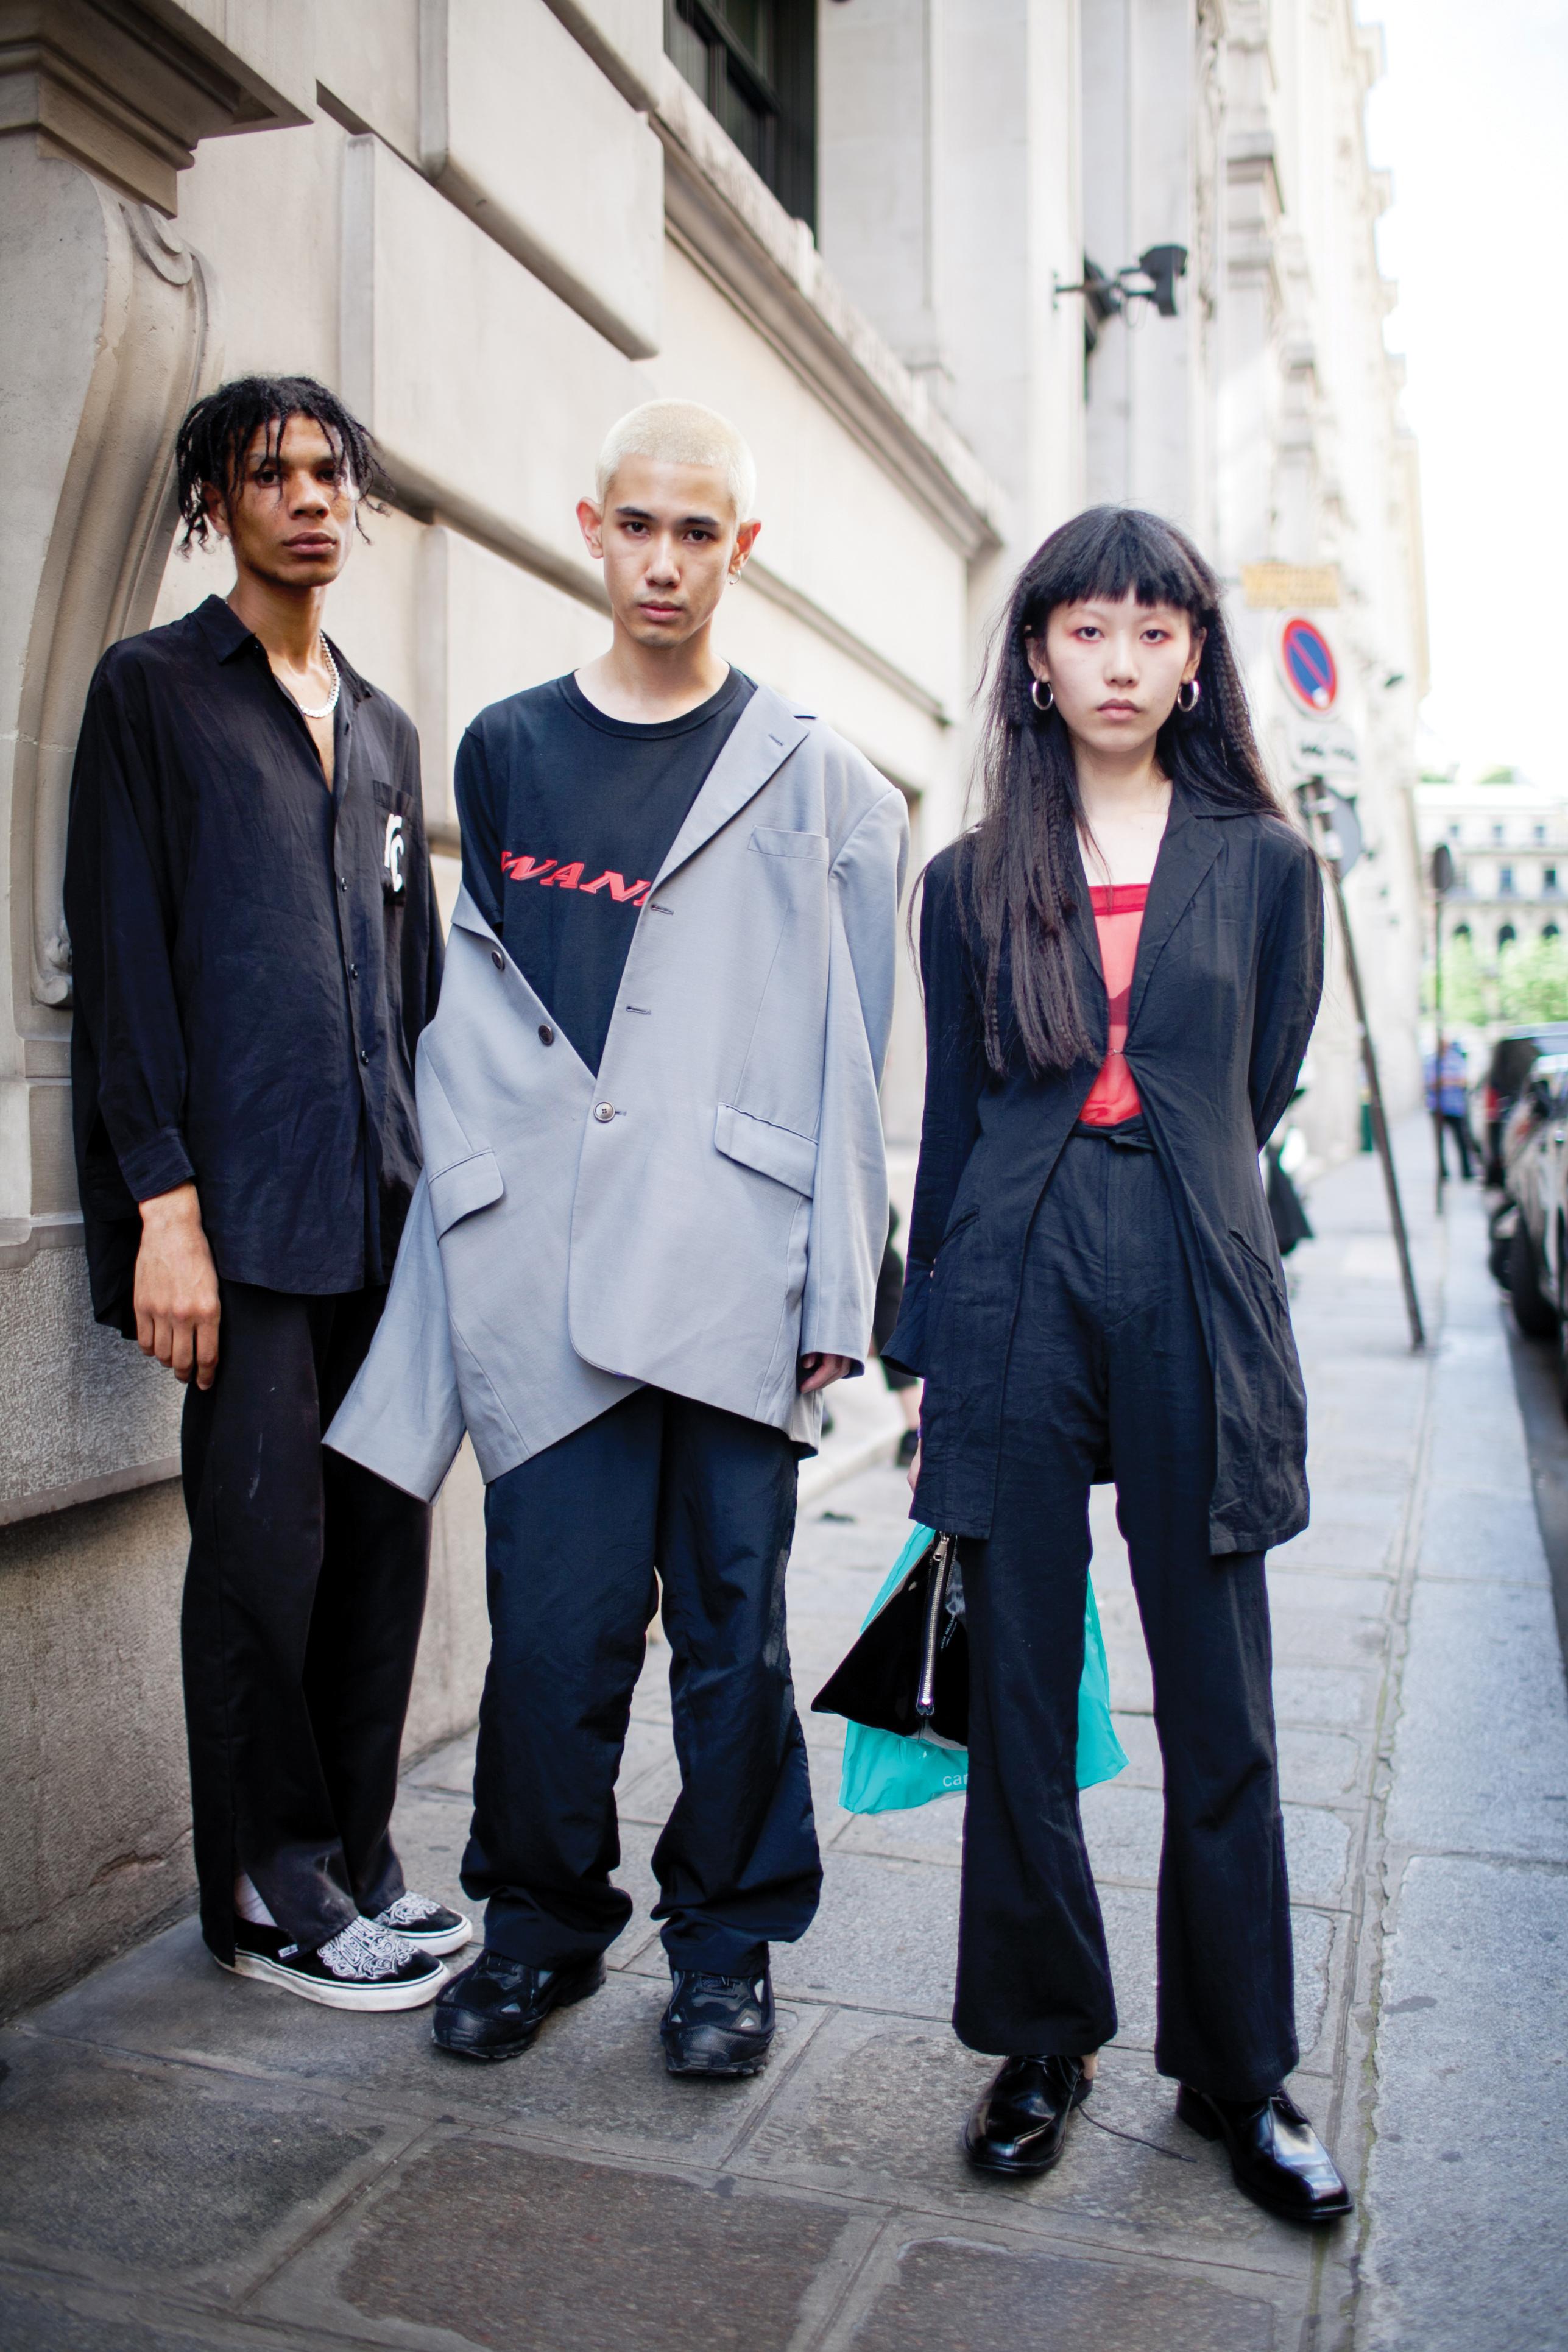 Celestial Streetwear Almanac - Gender Neutral